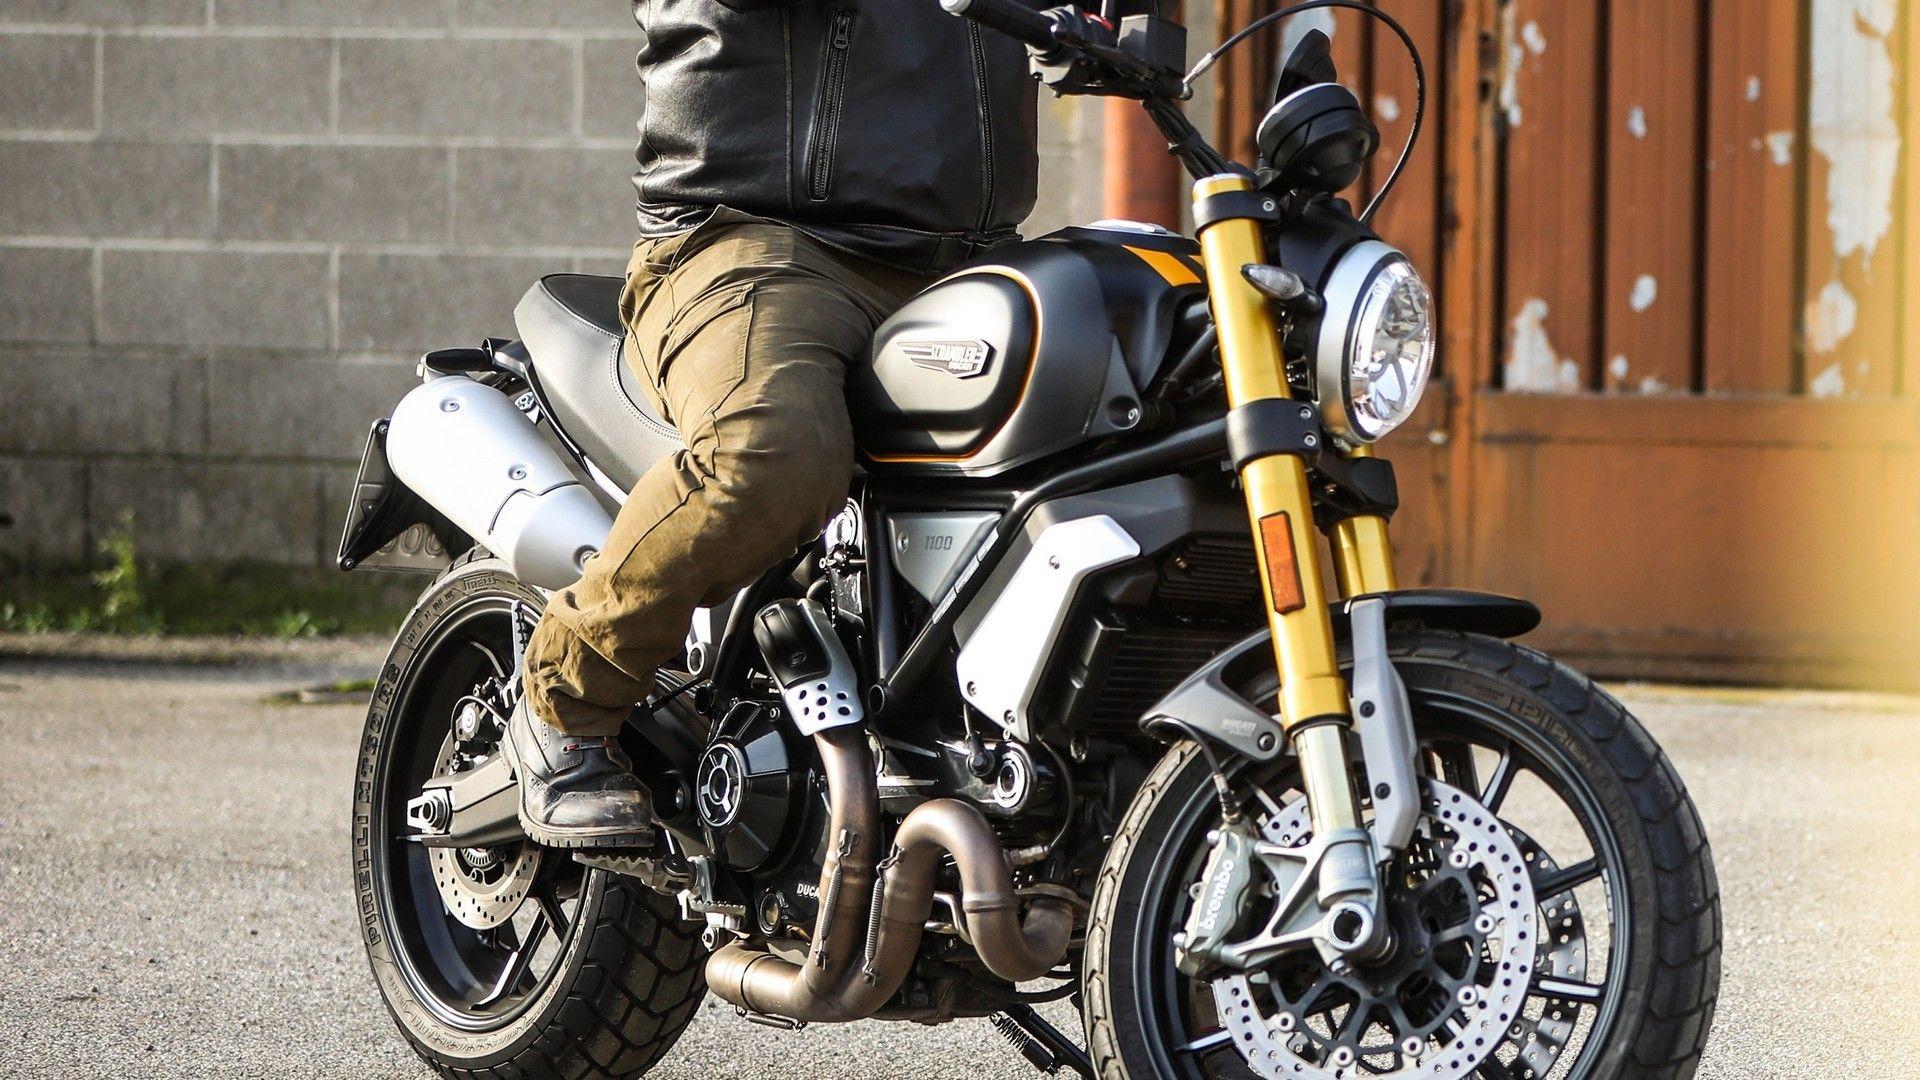 Ducati Scramnbler 1100 Sport